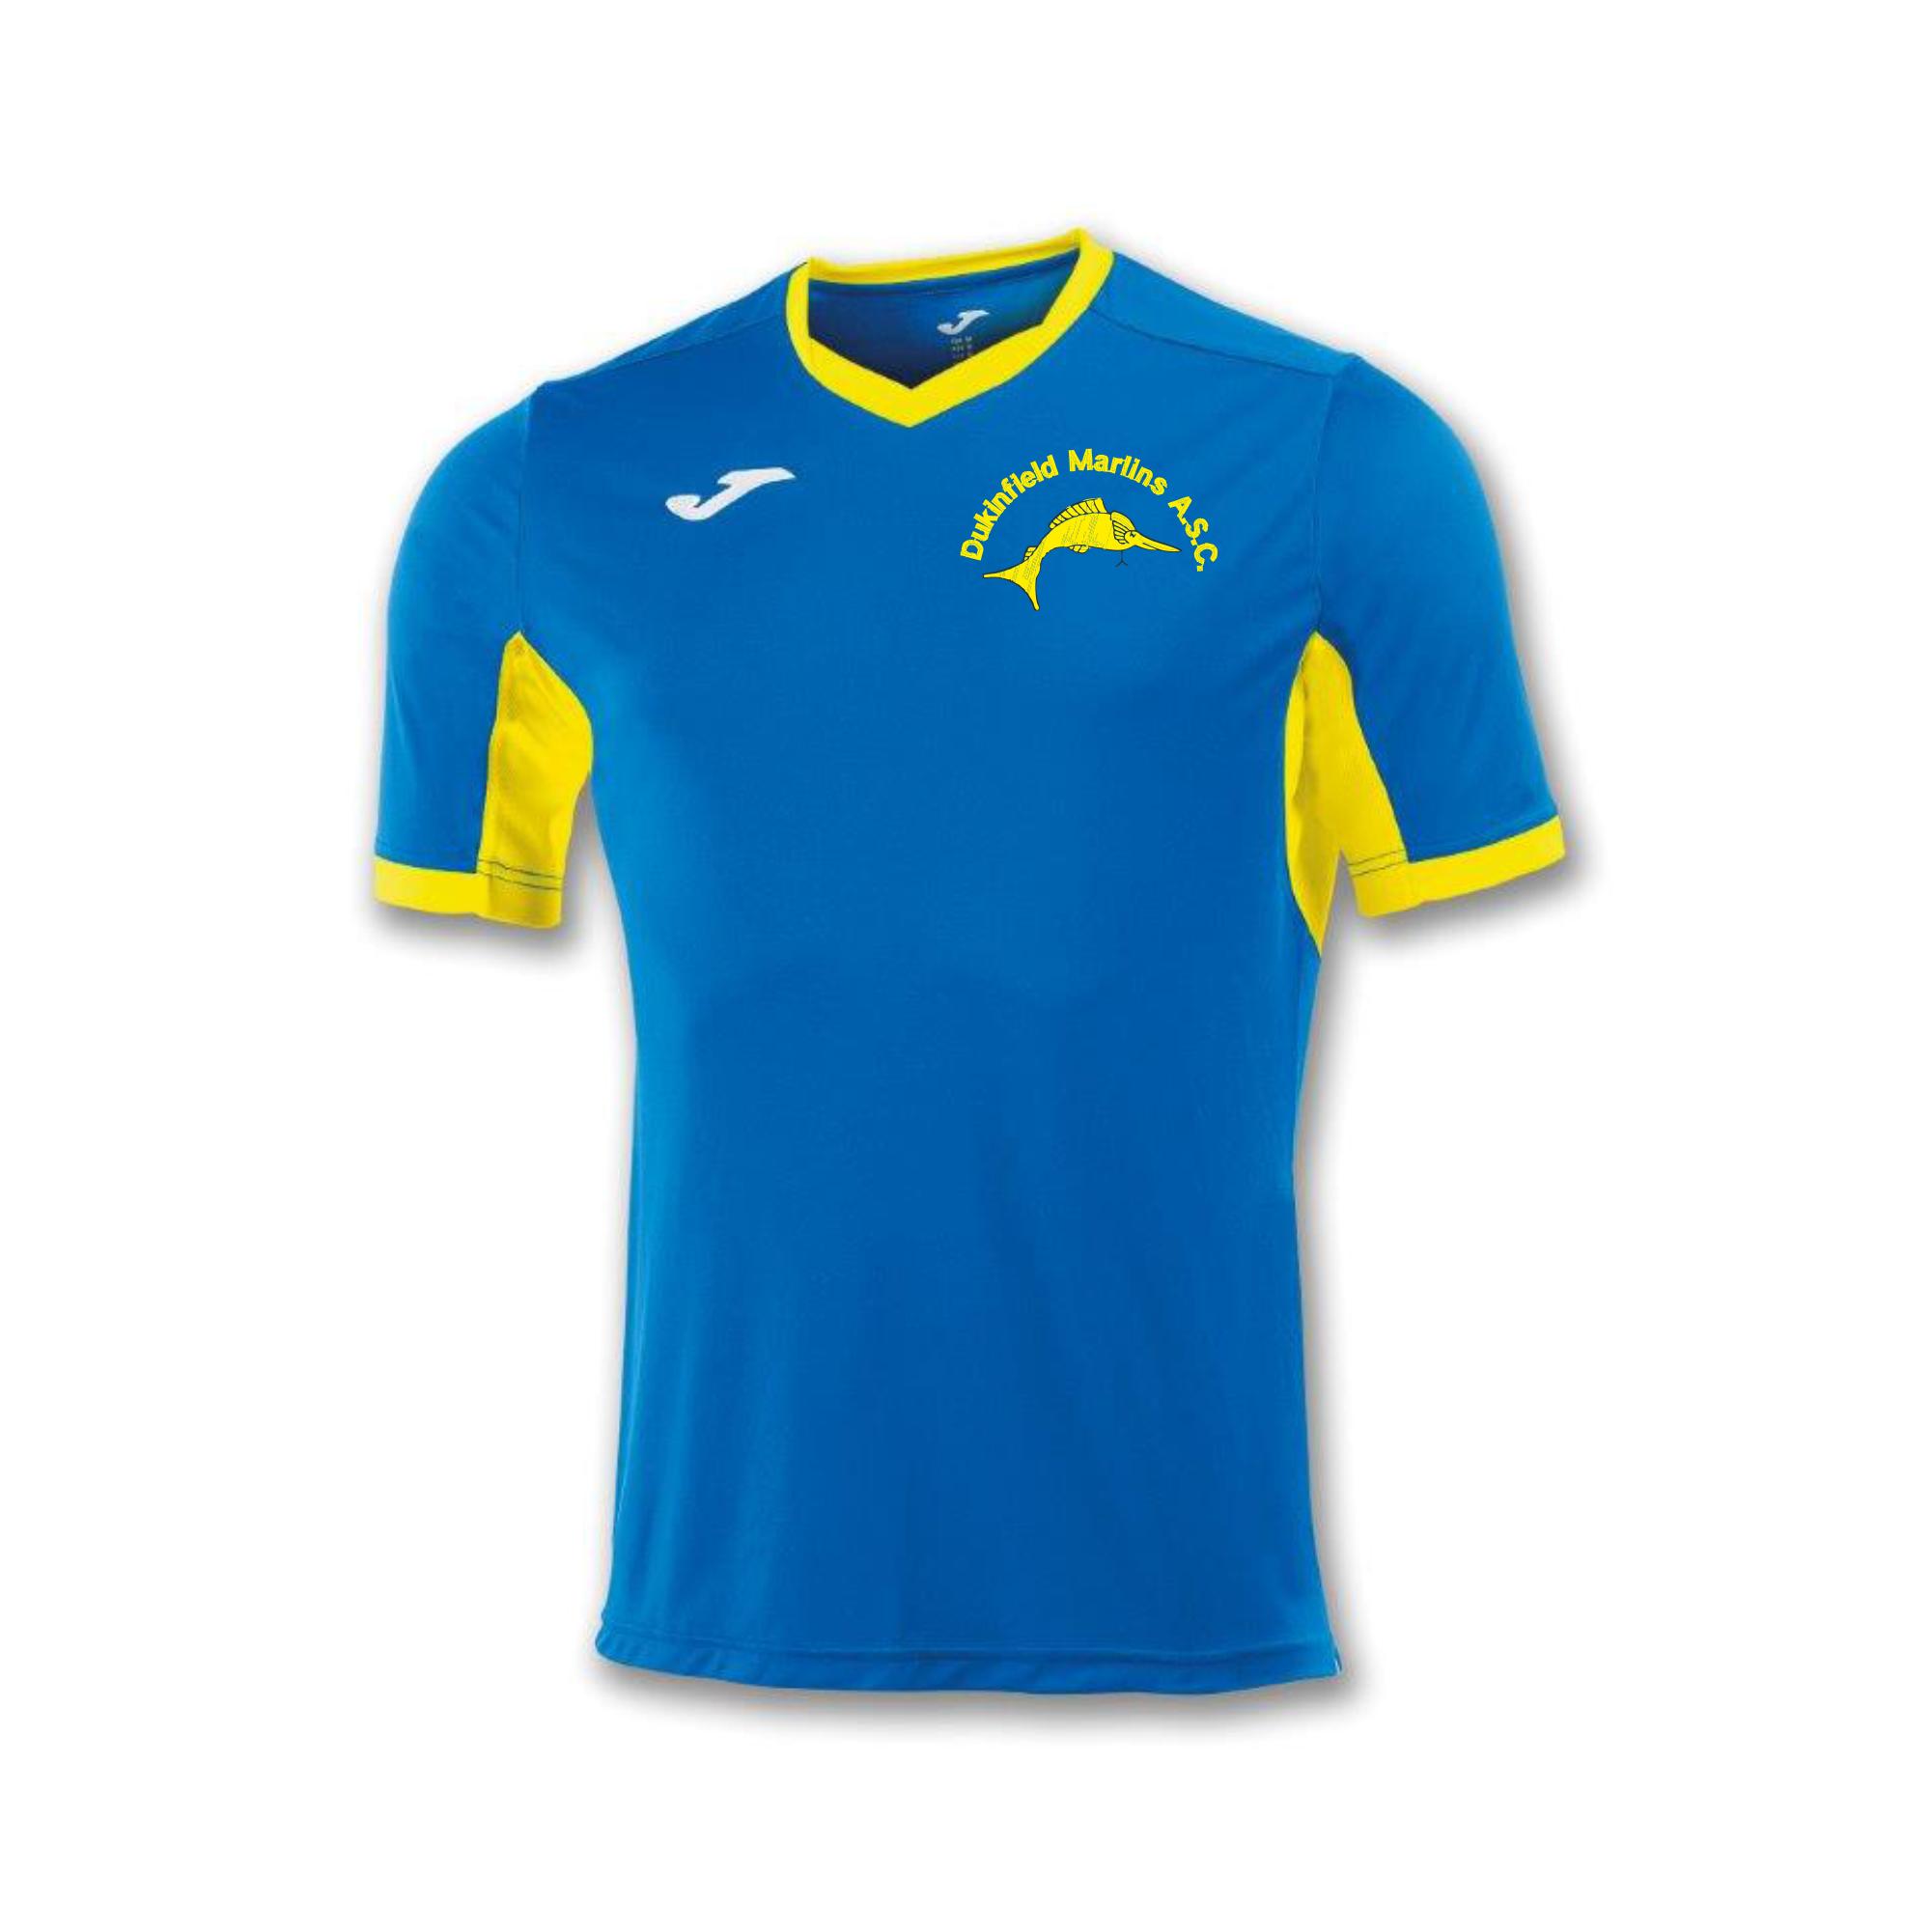 7988fa876f0 Dukinfield Marlins Shirt - JFC Sports